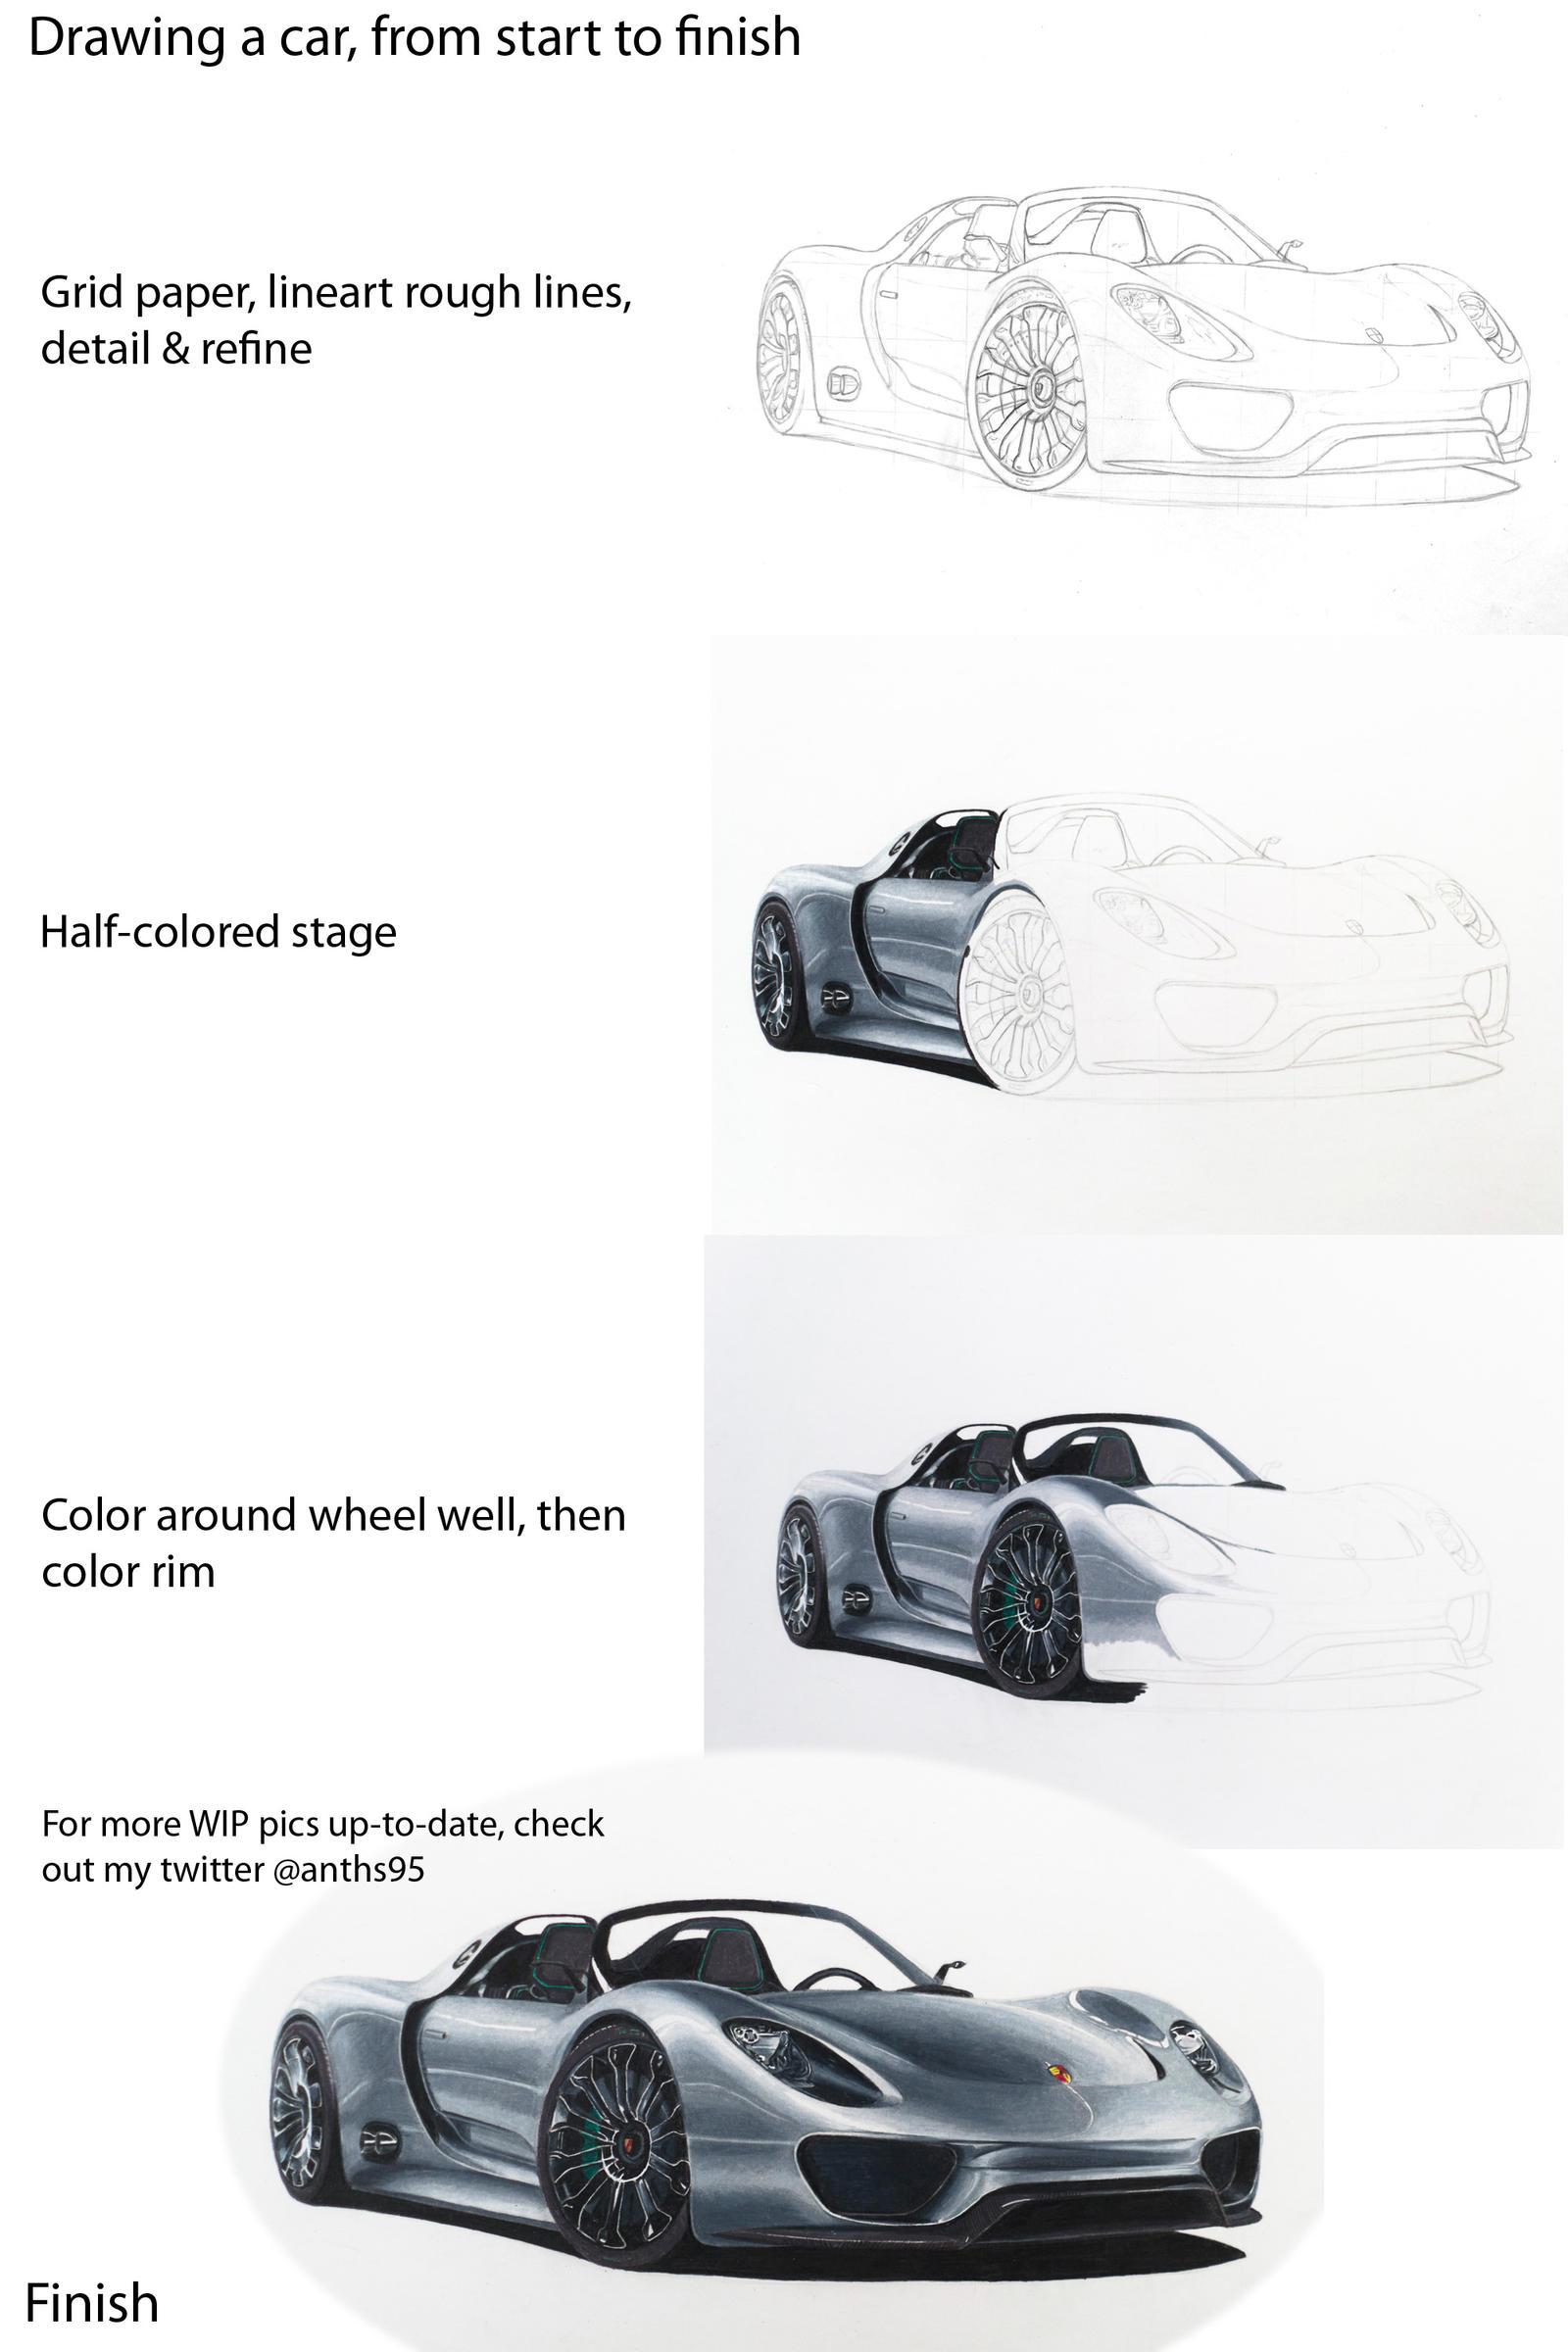 porsche 918 spyder drawing stages by anths95 on deviantart. Black Bedroom Furniture Sets. Home Design Ideas